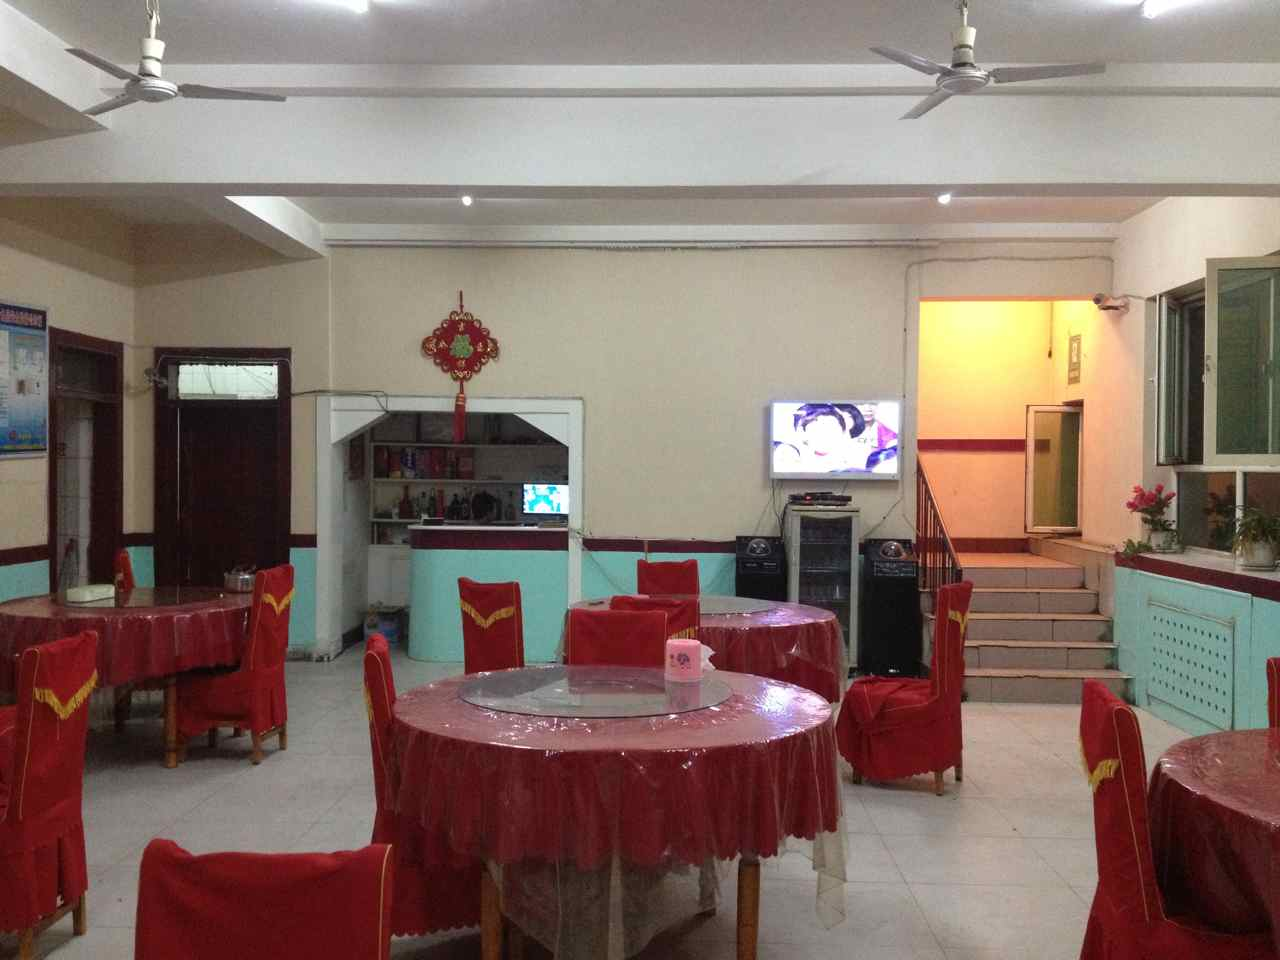 นี่เป็นร้านอาหารจีนร้านแรกตั้งแต่ปั่นเข้าเมืองจีน เพราะตลอดทางมีแต่ร้านของชาวอูกูร เข้าไปก็จะได้ลัคมานทุกครั้ง